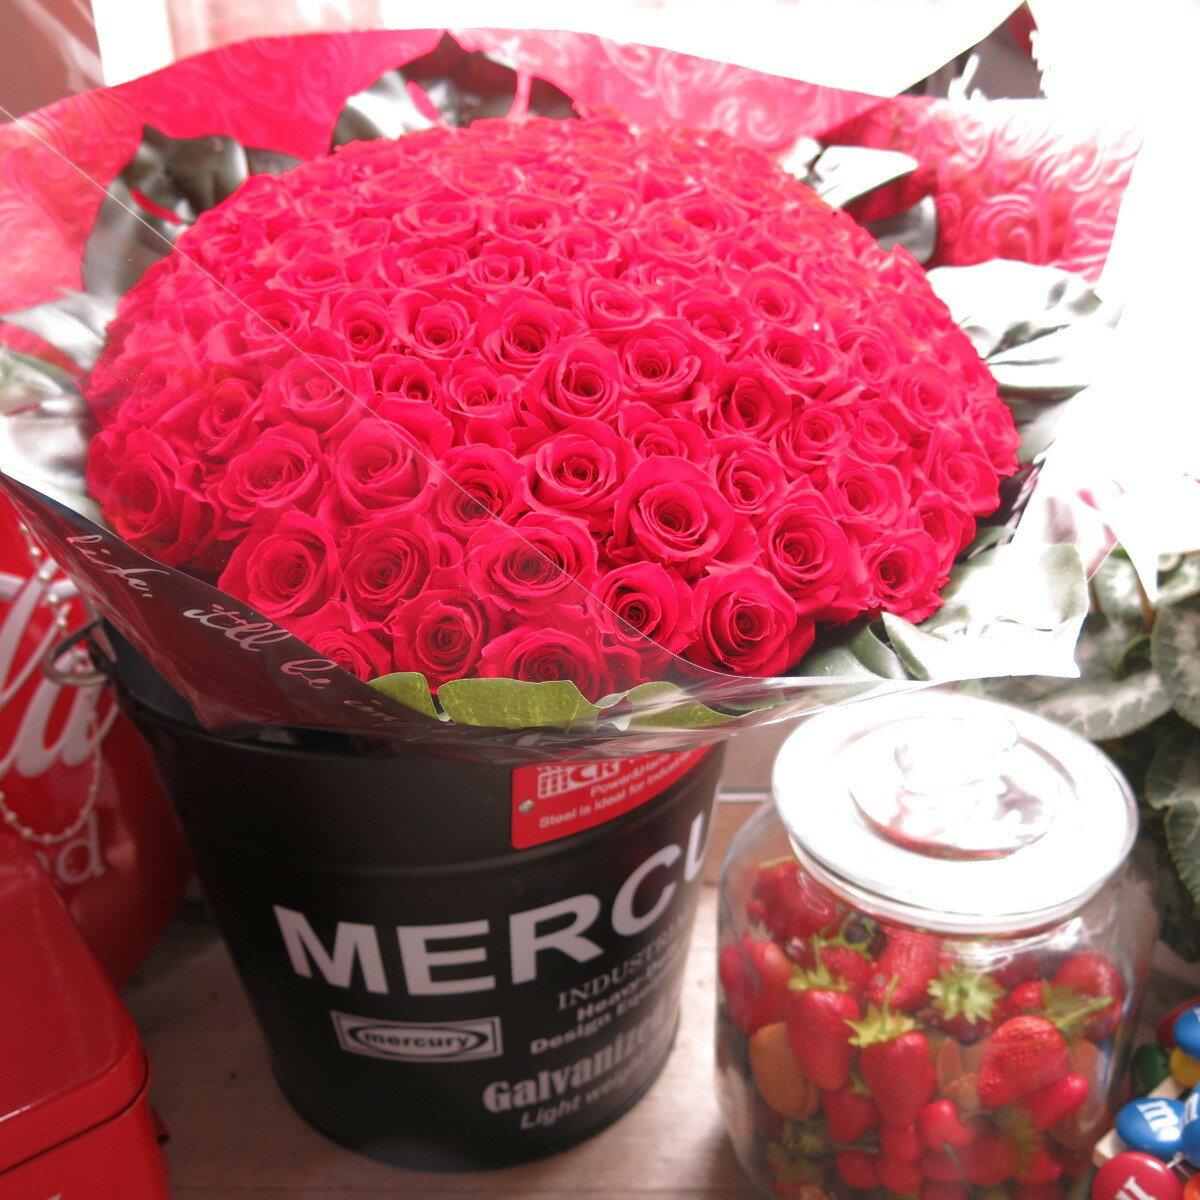 赤バラ 101本 プリザーブドフラワー 赤バラ 花束 赤バラ101本使用 プリザーブドフラワー 花束 枯れずにいつまでもキレイな赤バラ ブリキバケツ付き◆誕生日プレゼント・成人祝い・記念日の贈り物におすすめのフラワーギフト